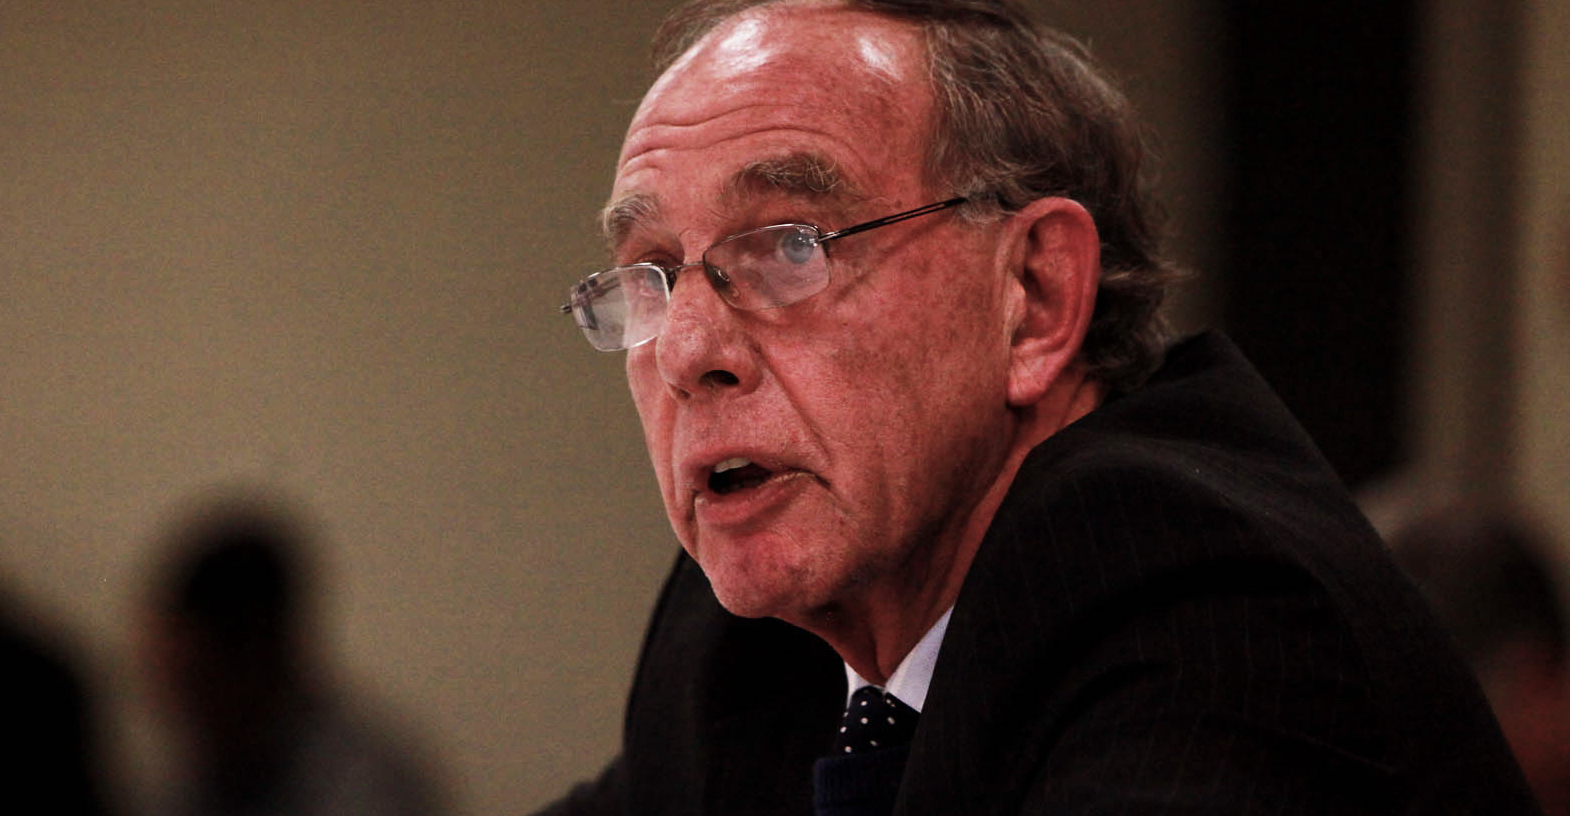 NUUSFLITS: SARS is besig om twee sleutelbestuurders aan die gang te sit weens voorsorg vir skorsing - Daily Maverick